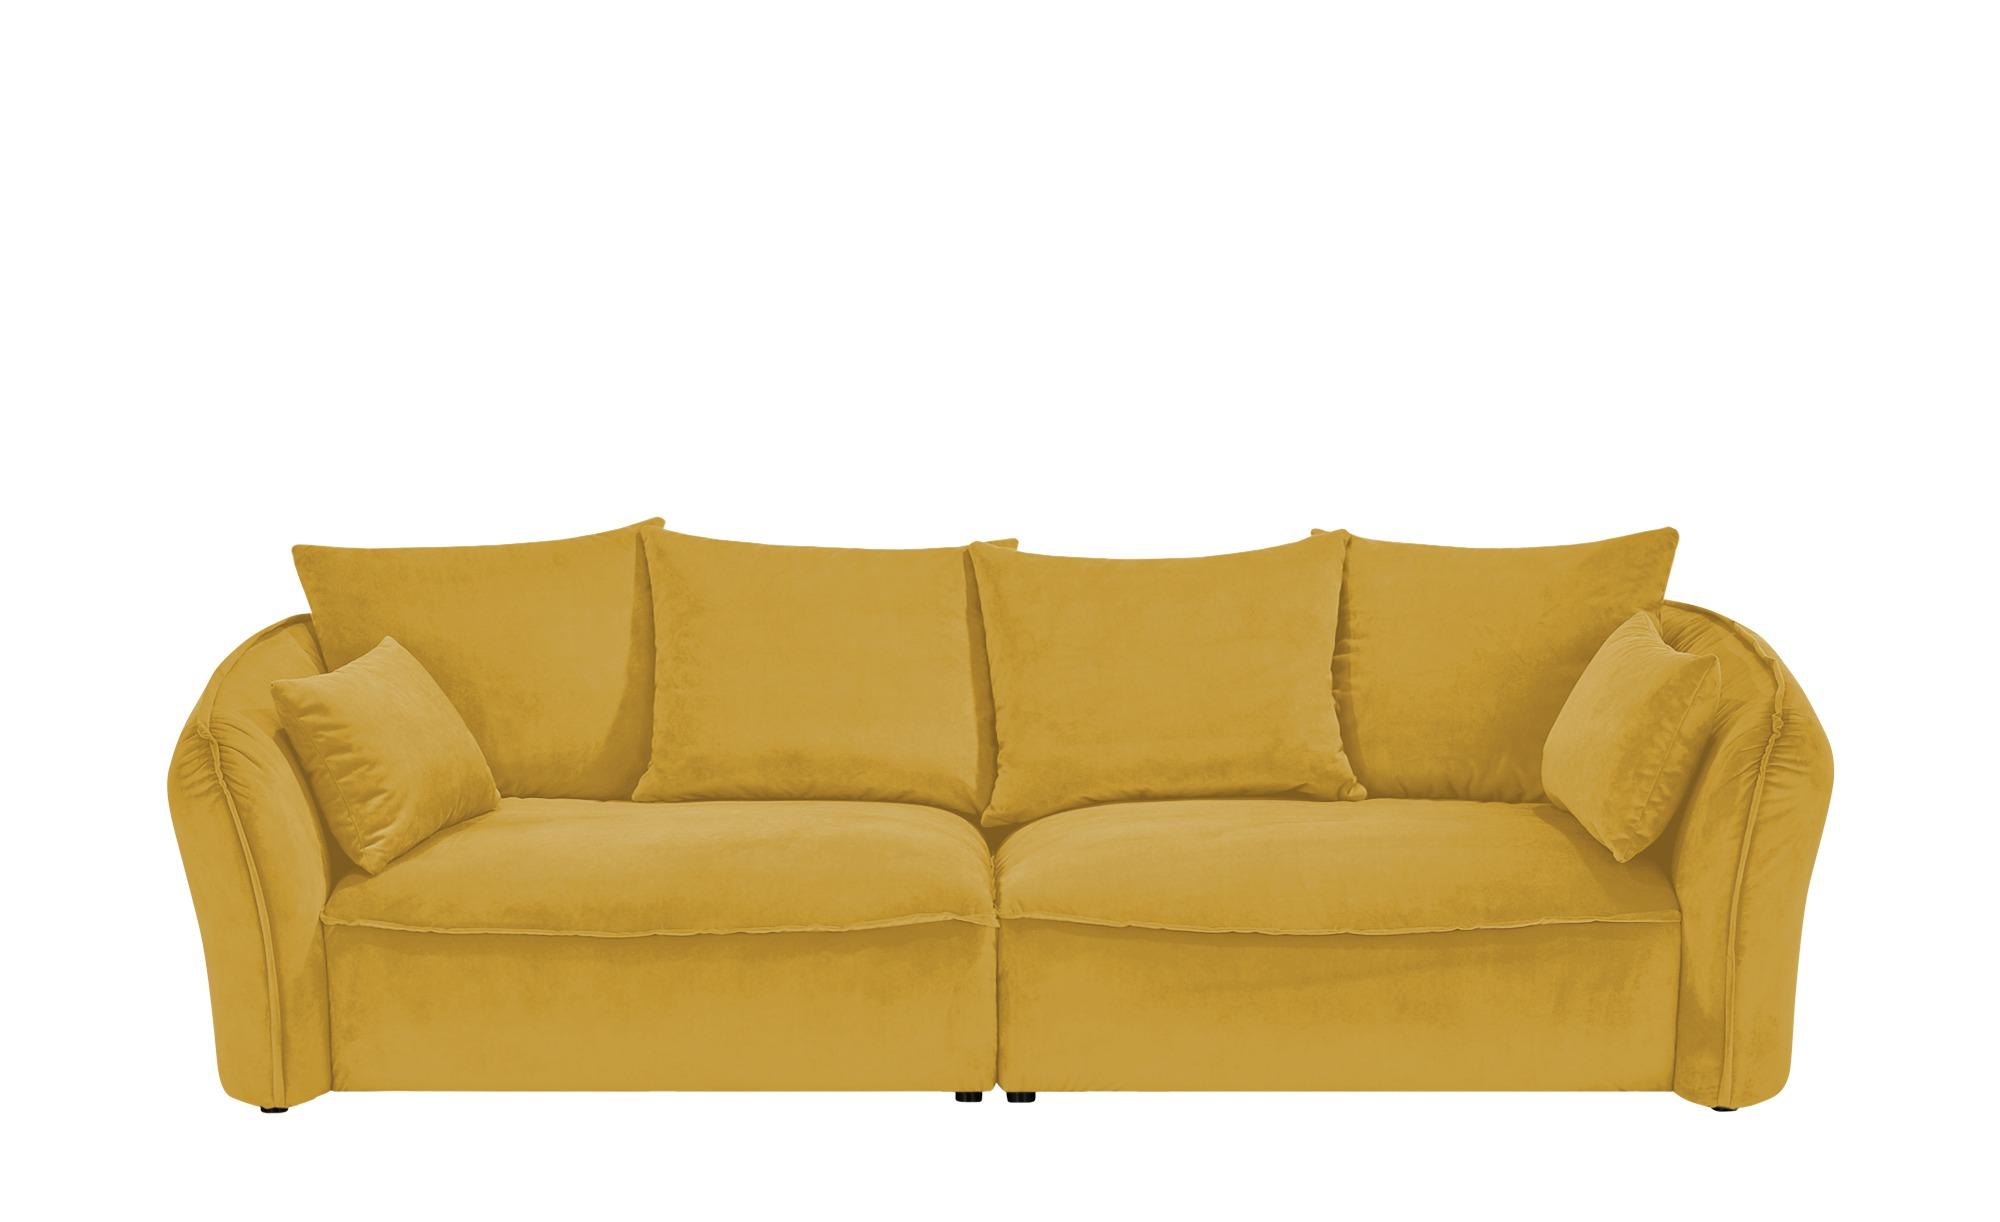 Megasofa  Yale ¦ gelb ¦ Maße (cm): B: 280 H: 75 T: 118 Polstermöbel > Sofas > Einzelsofas - Höffner